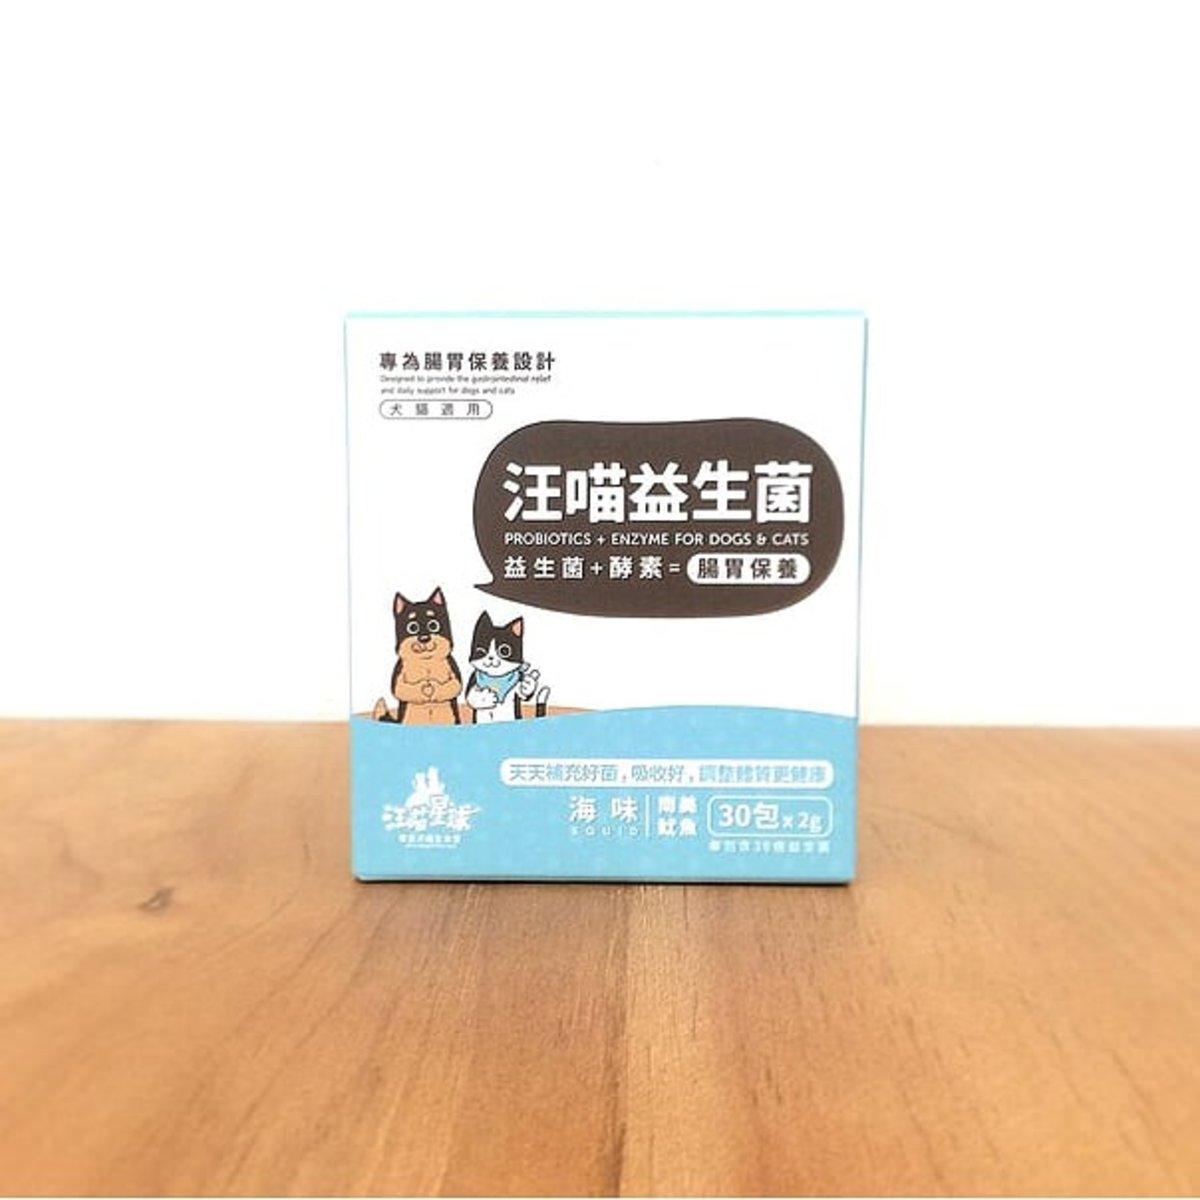 腸胃保健 益生菌 (魷魚味) (084035)